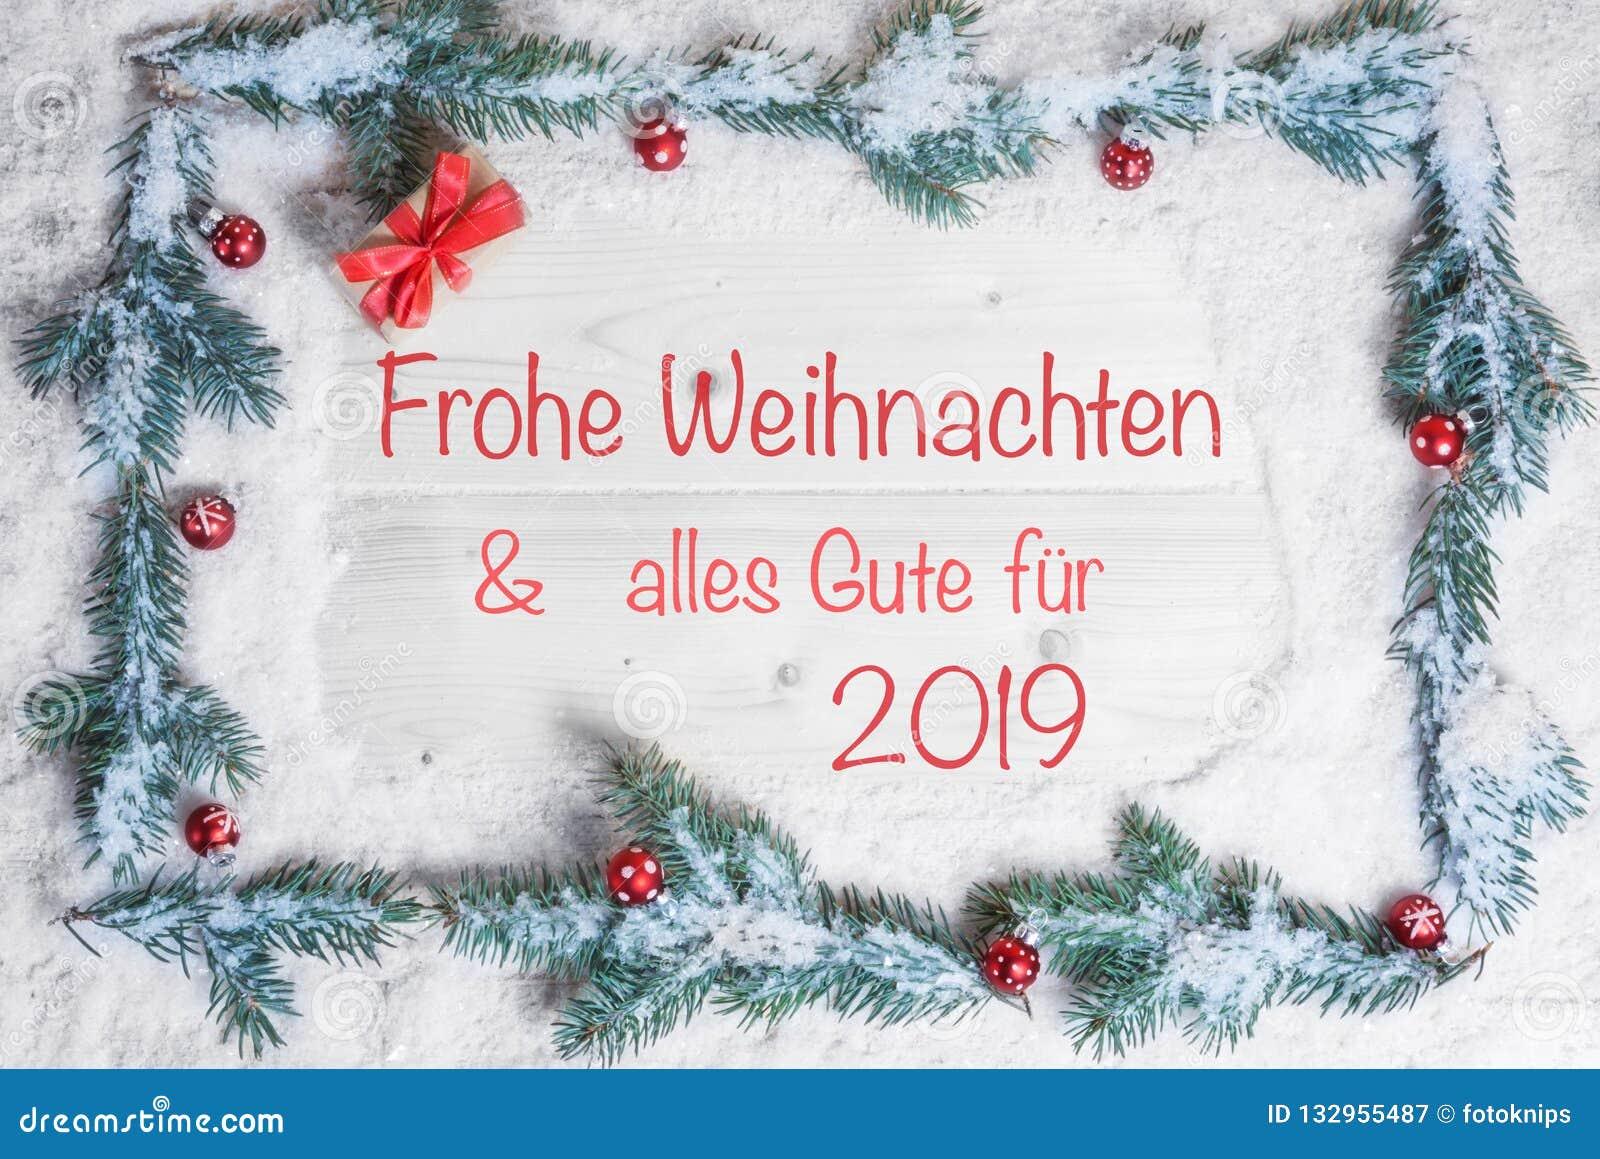 Frohe Weihnachten An Alle.Frohe Weihnachten Und Alles Beste Fur 2019 Stockbild Bild